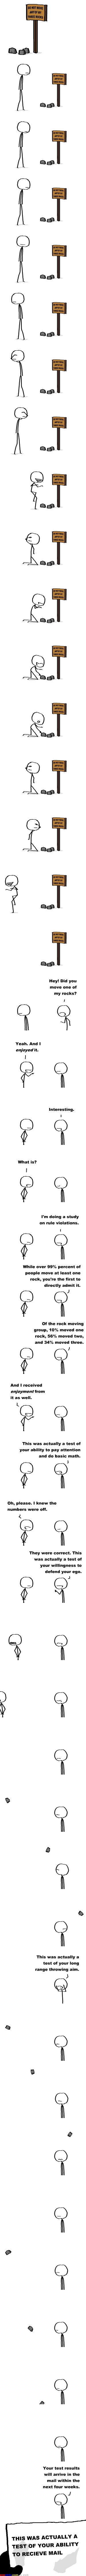 20100716-my-three-rocks